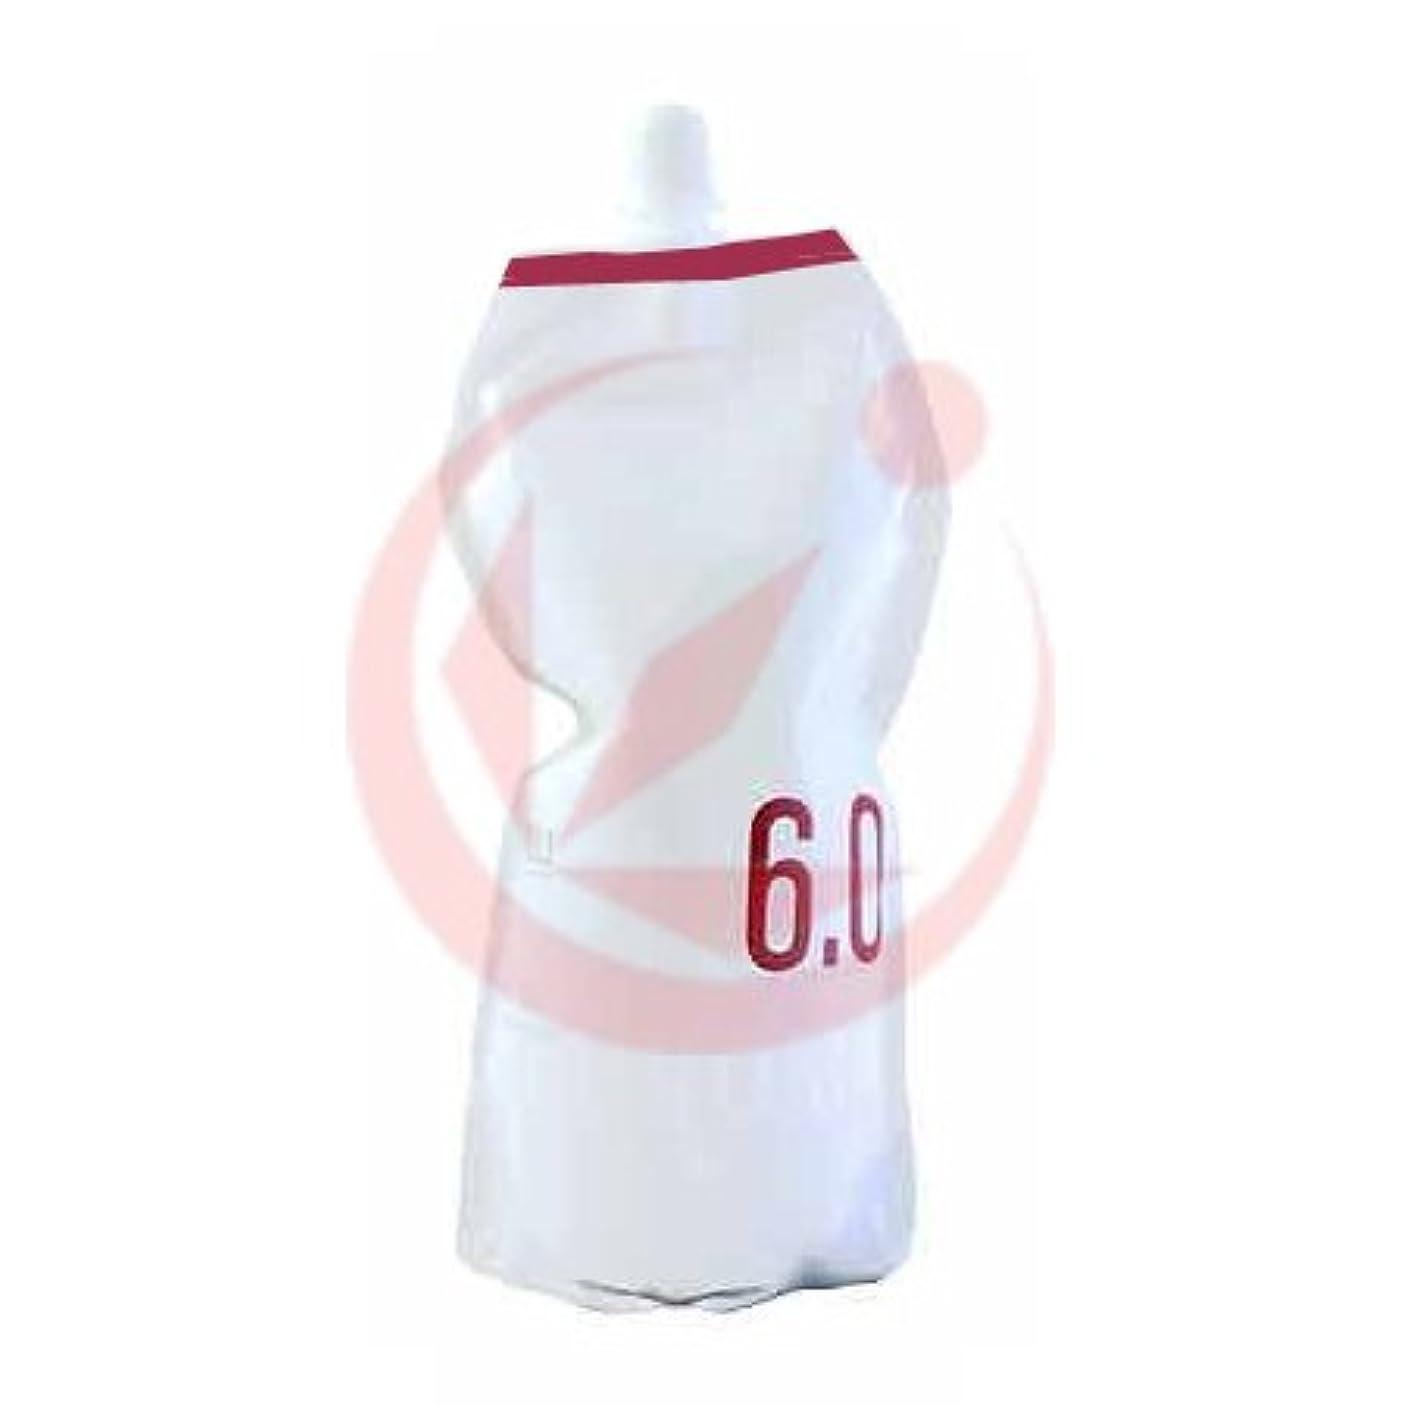 おめでとう夢中不器用ナンバースリー プロアクション リクロマ オキシ(OX) 1200ml(2剤) 6.0%*